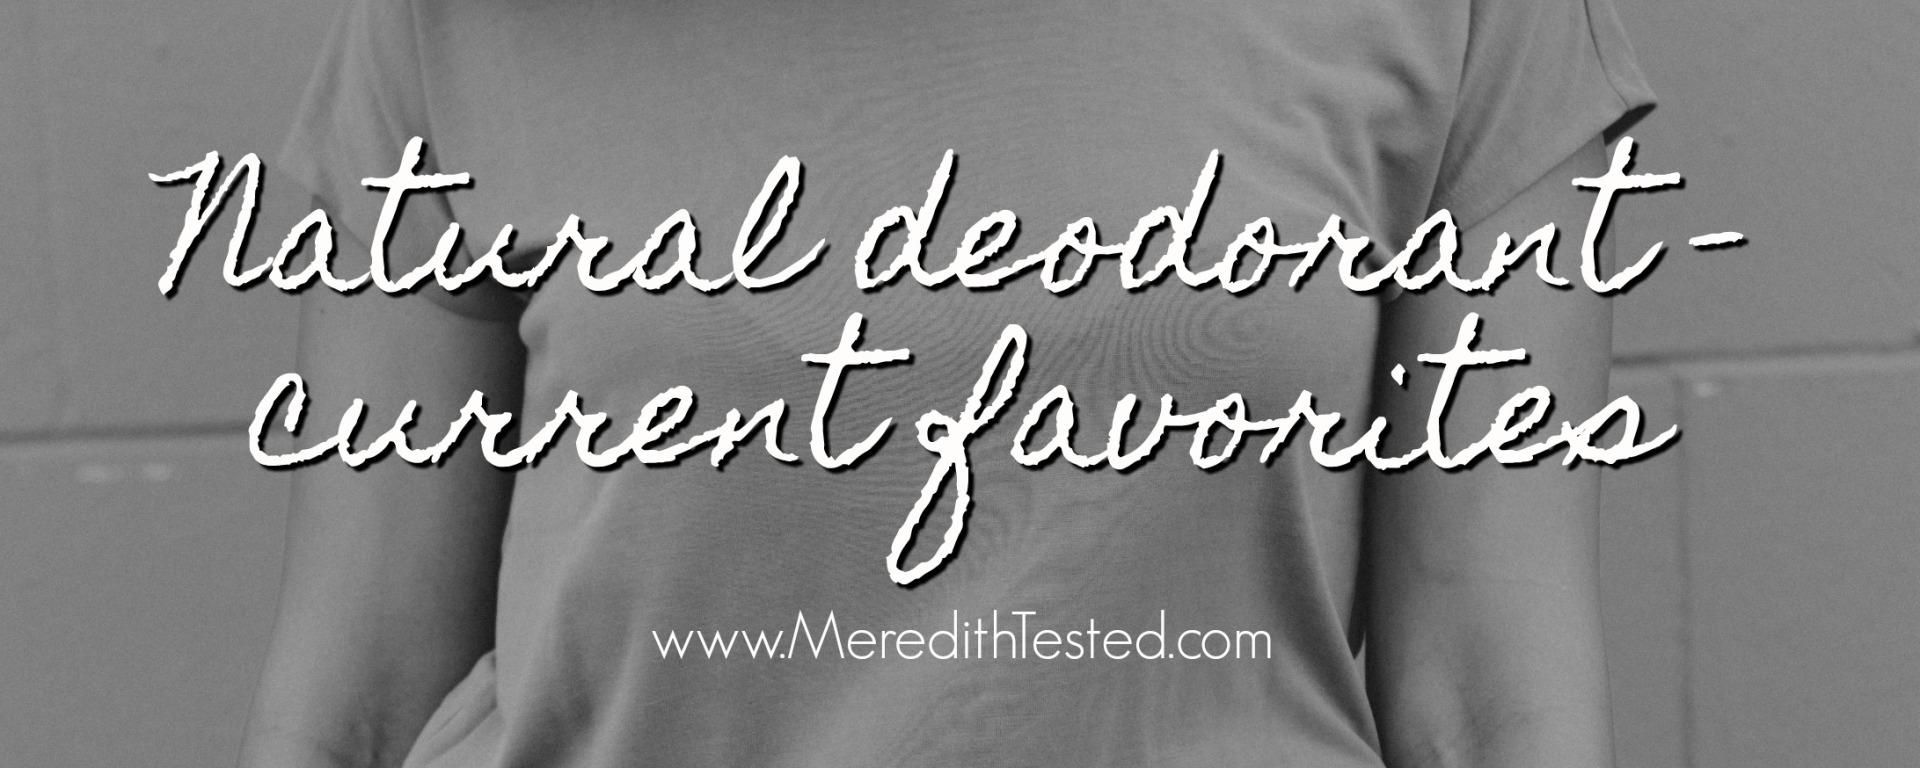 aluminum free deodorant recommendations